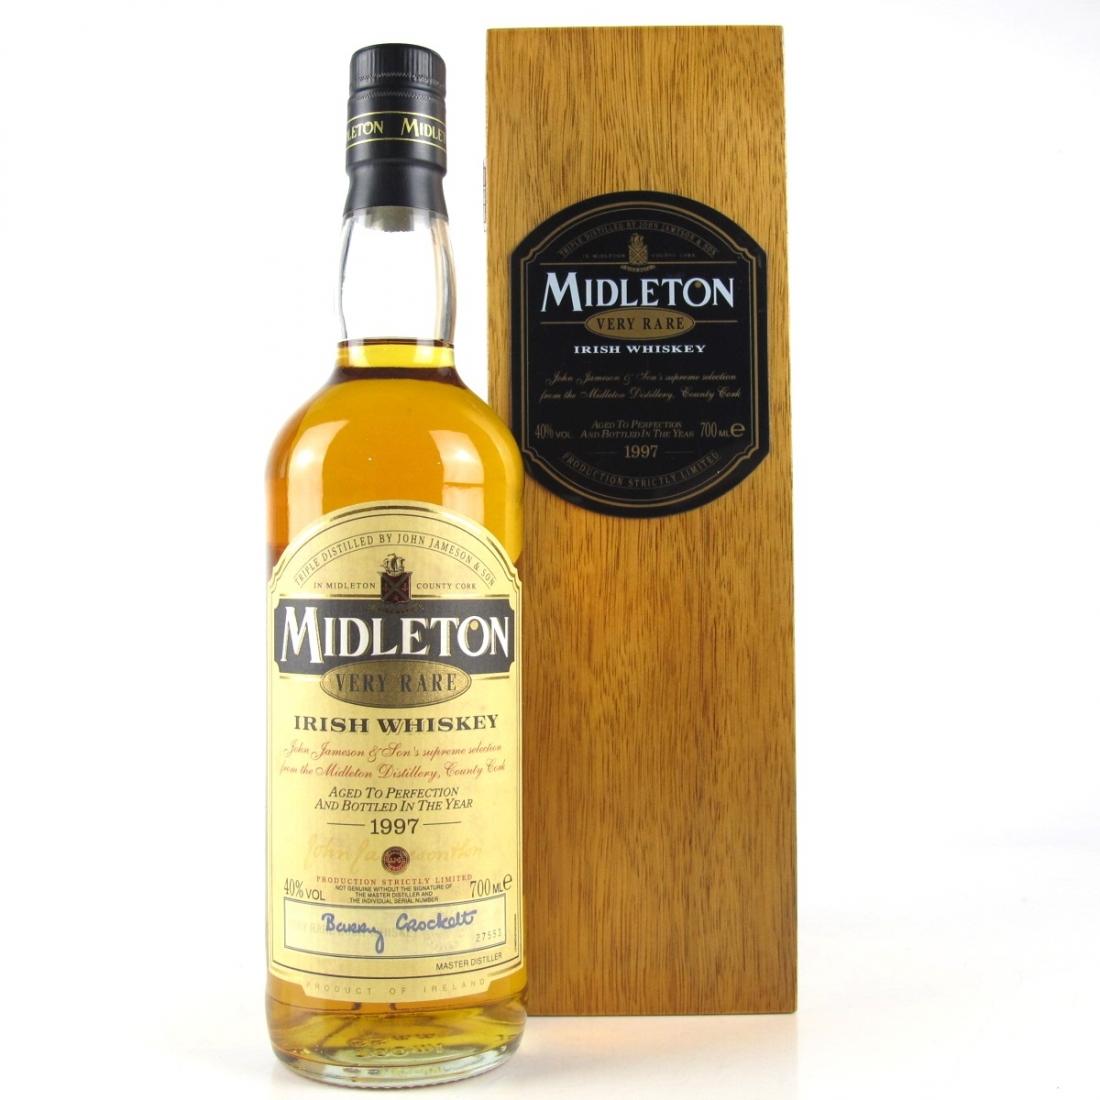 Midleton Very Rare 1997 Edition